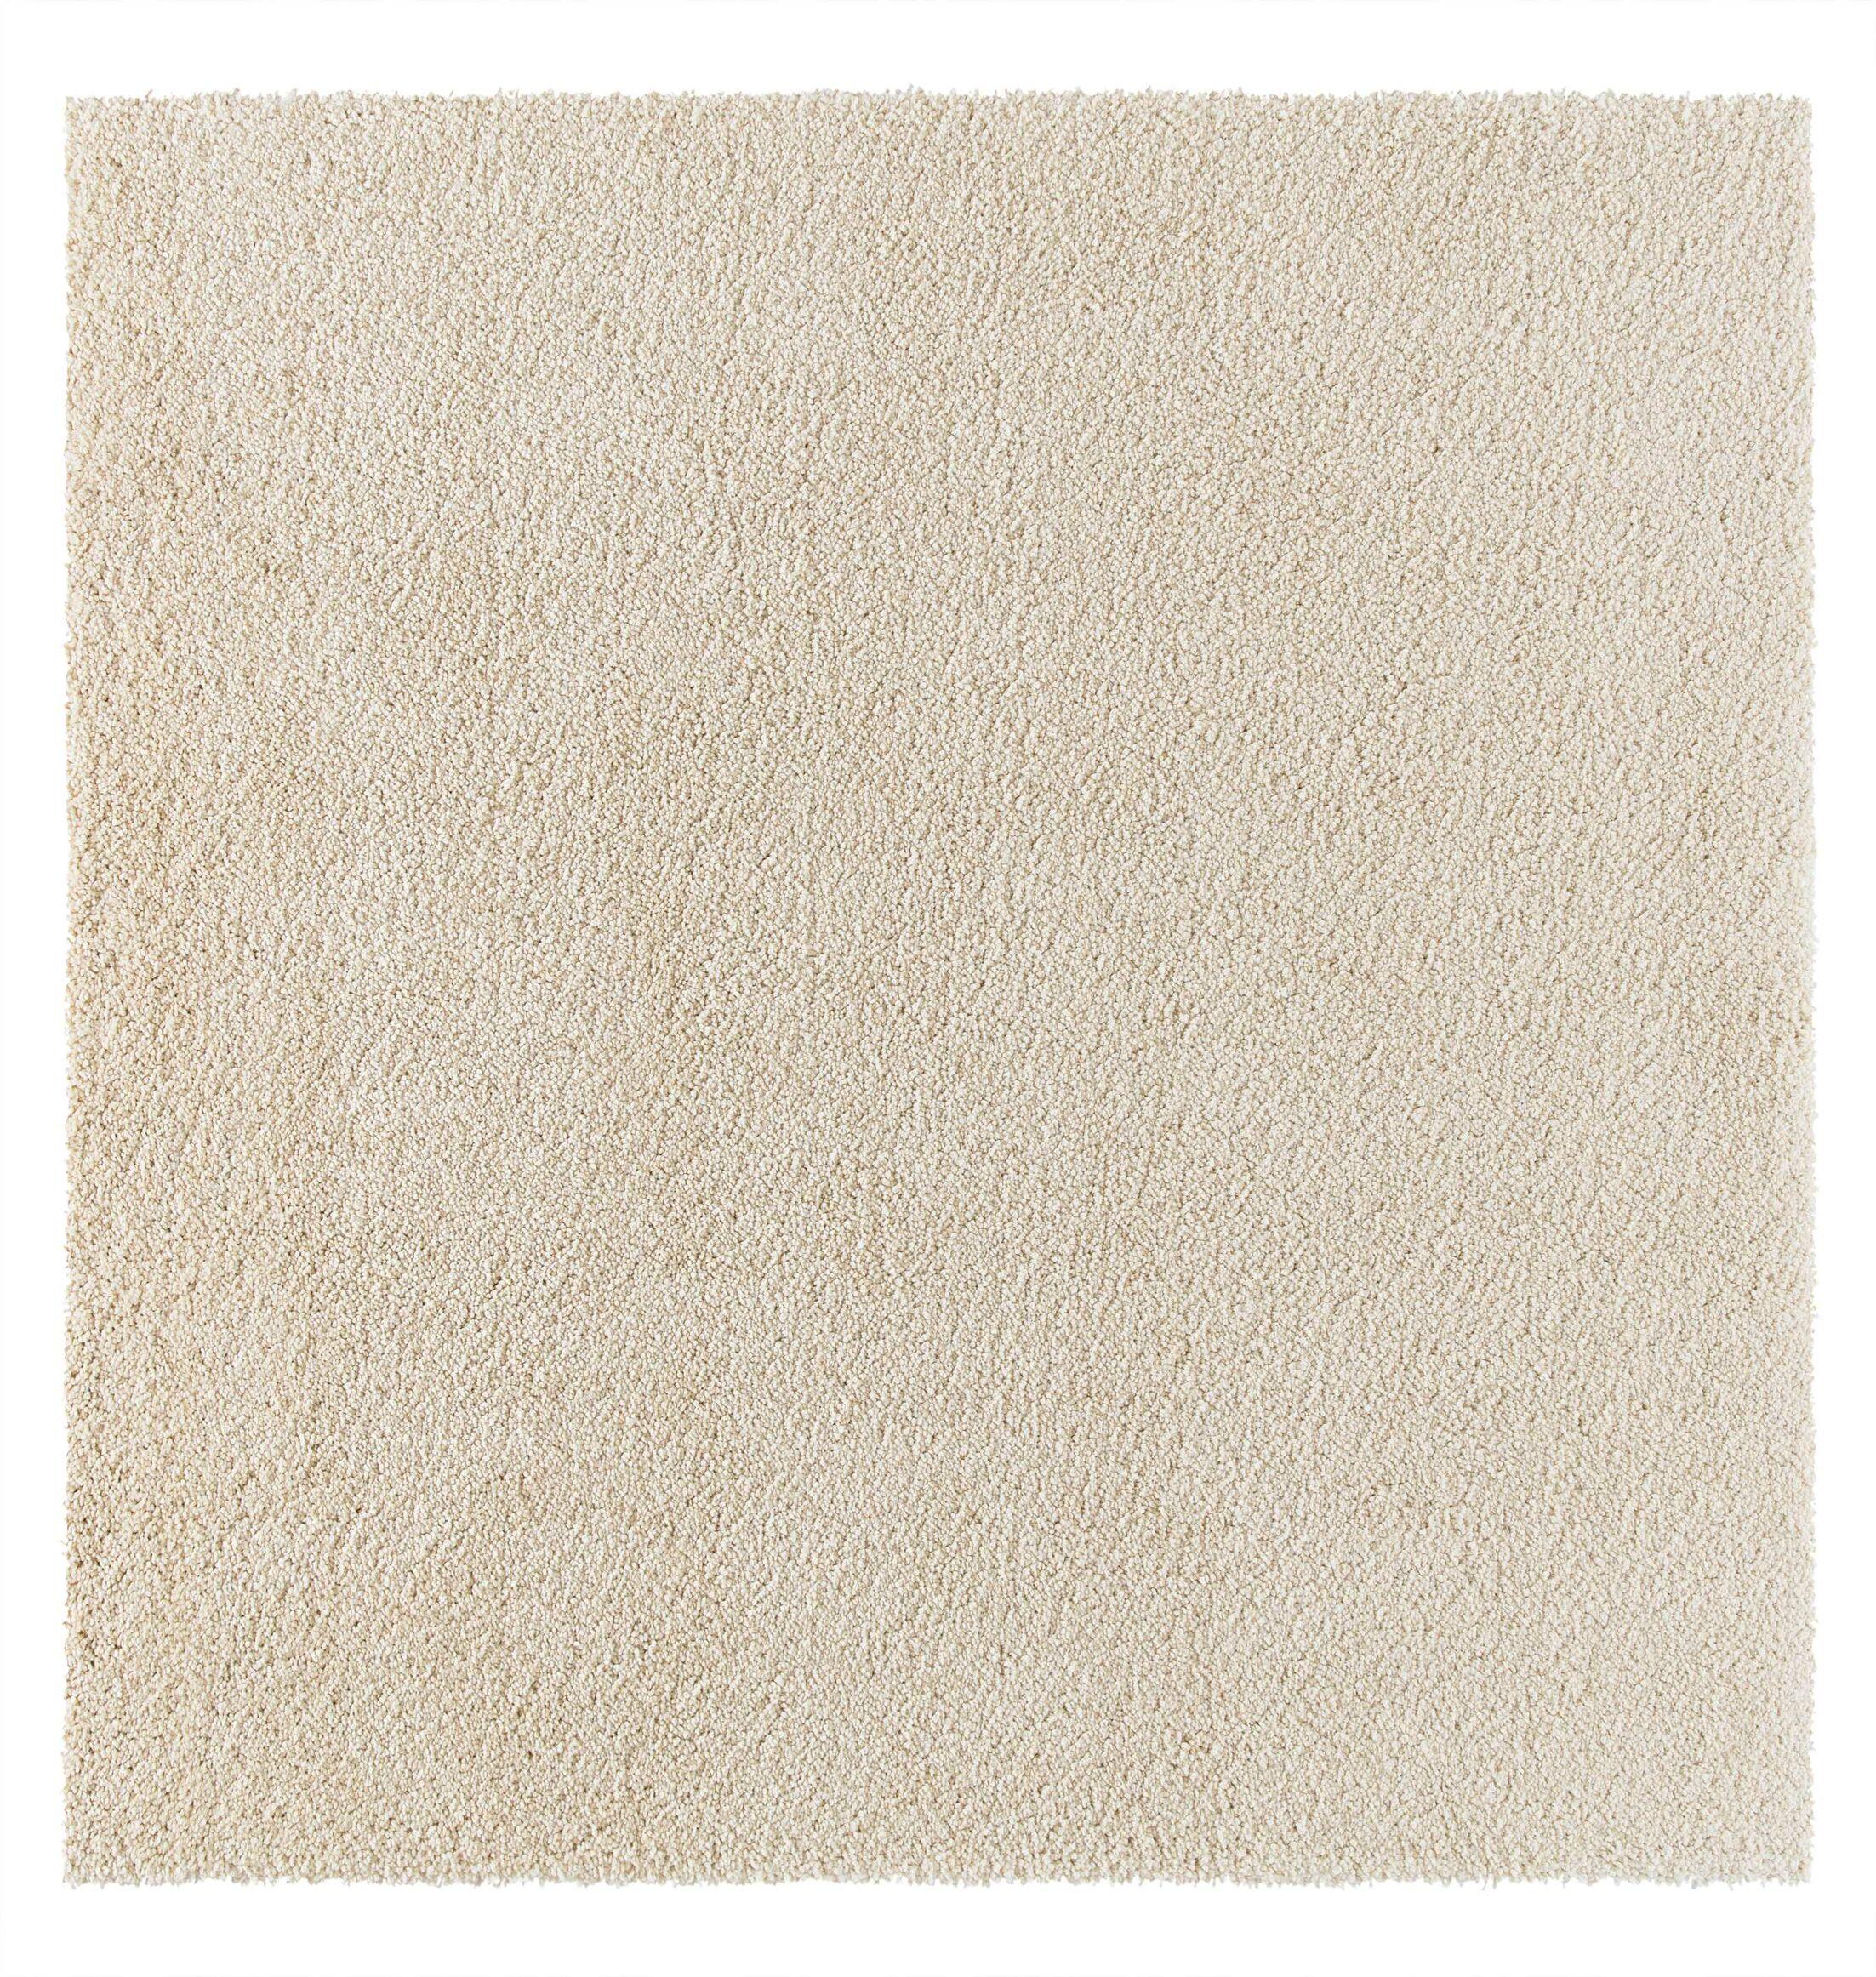 Parrish Cream Area Rug Rug Size: Square 6'7